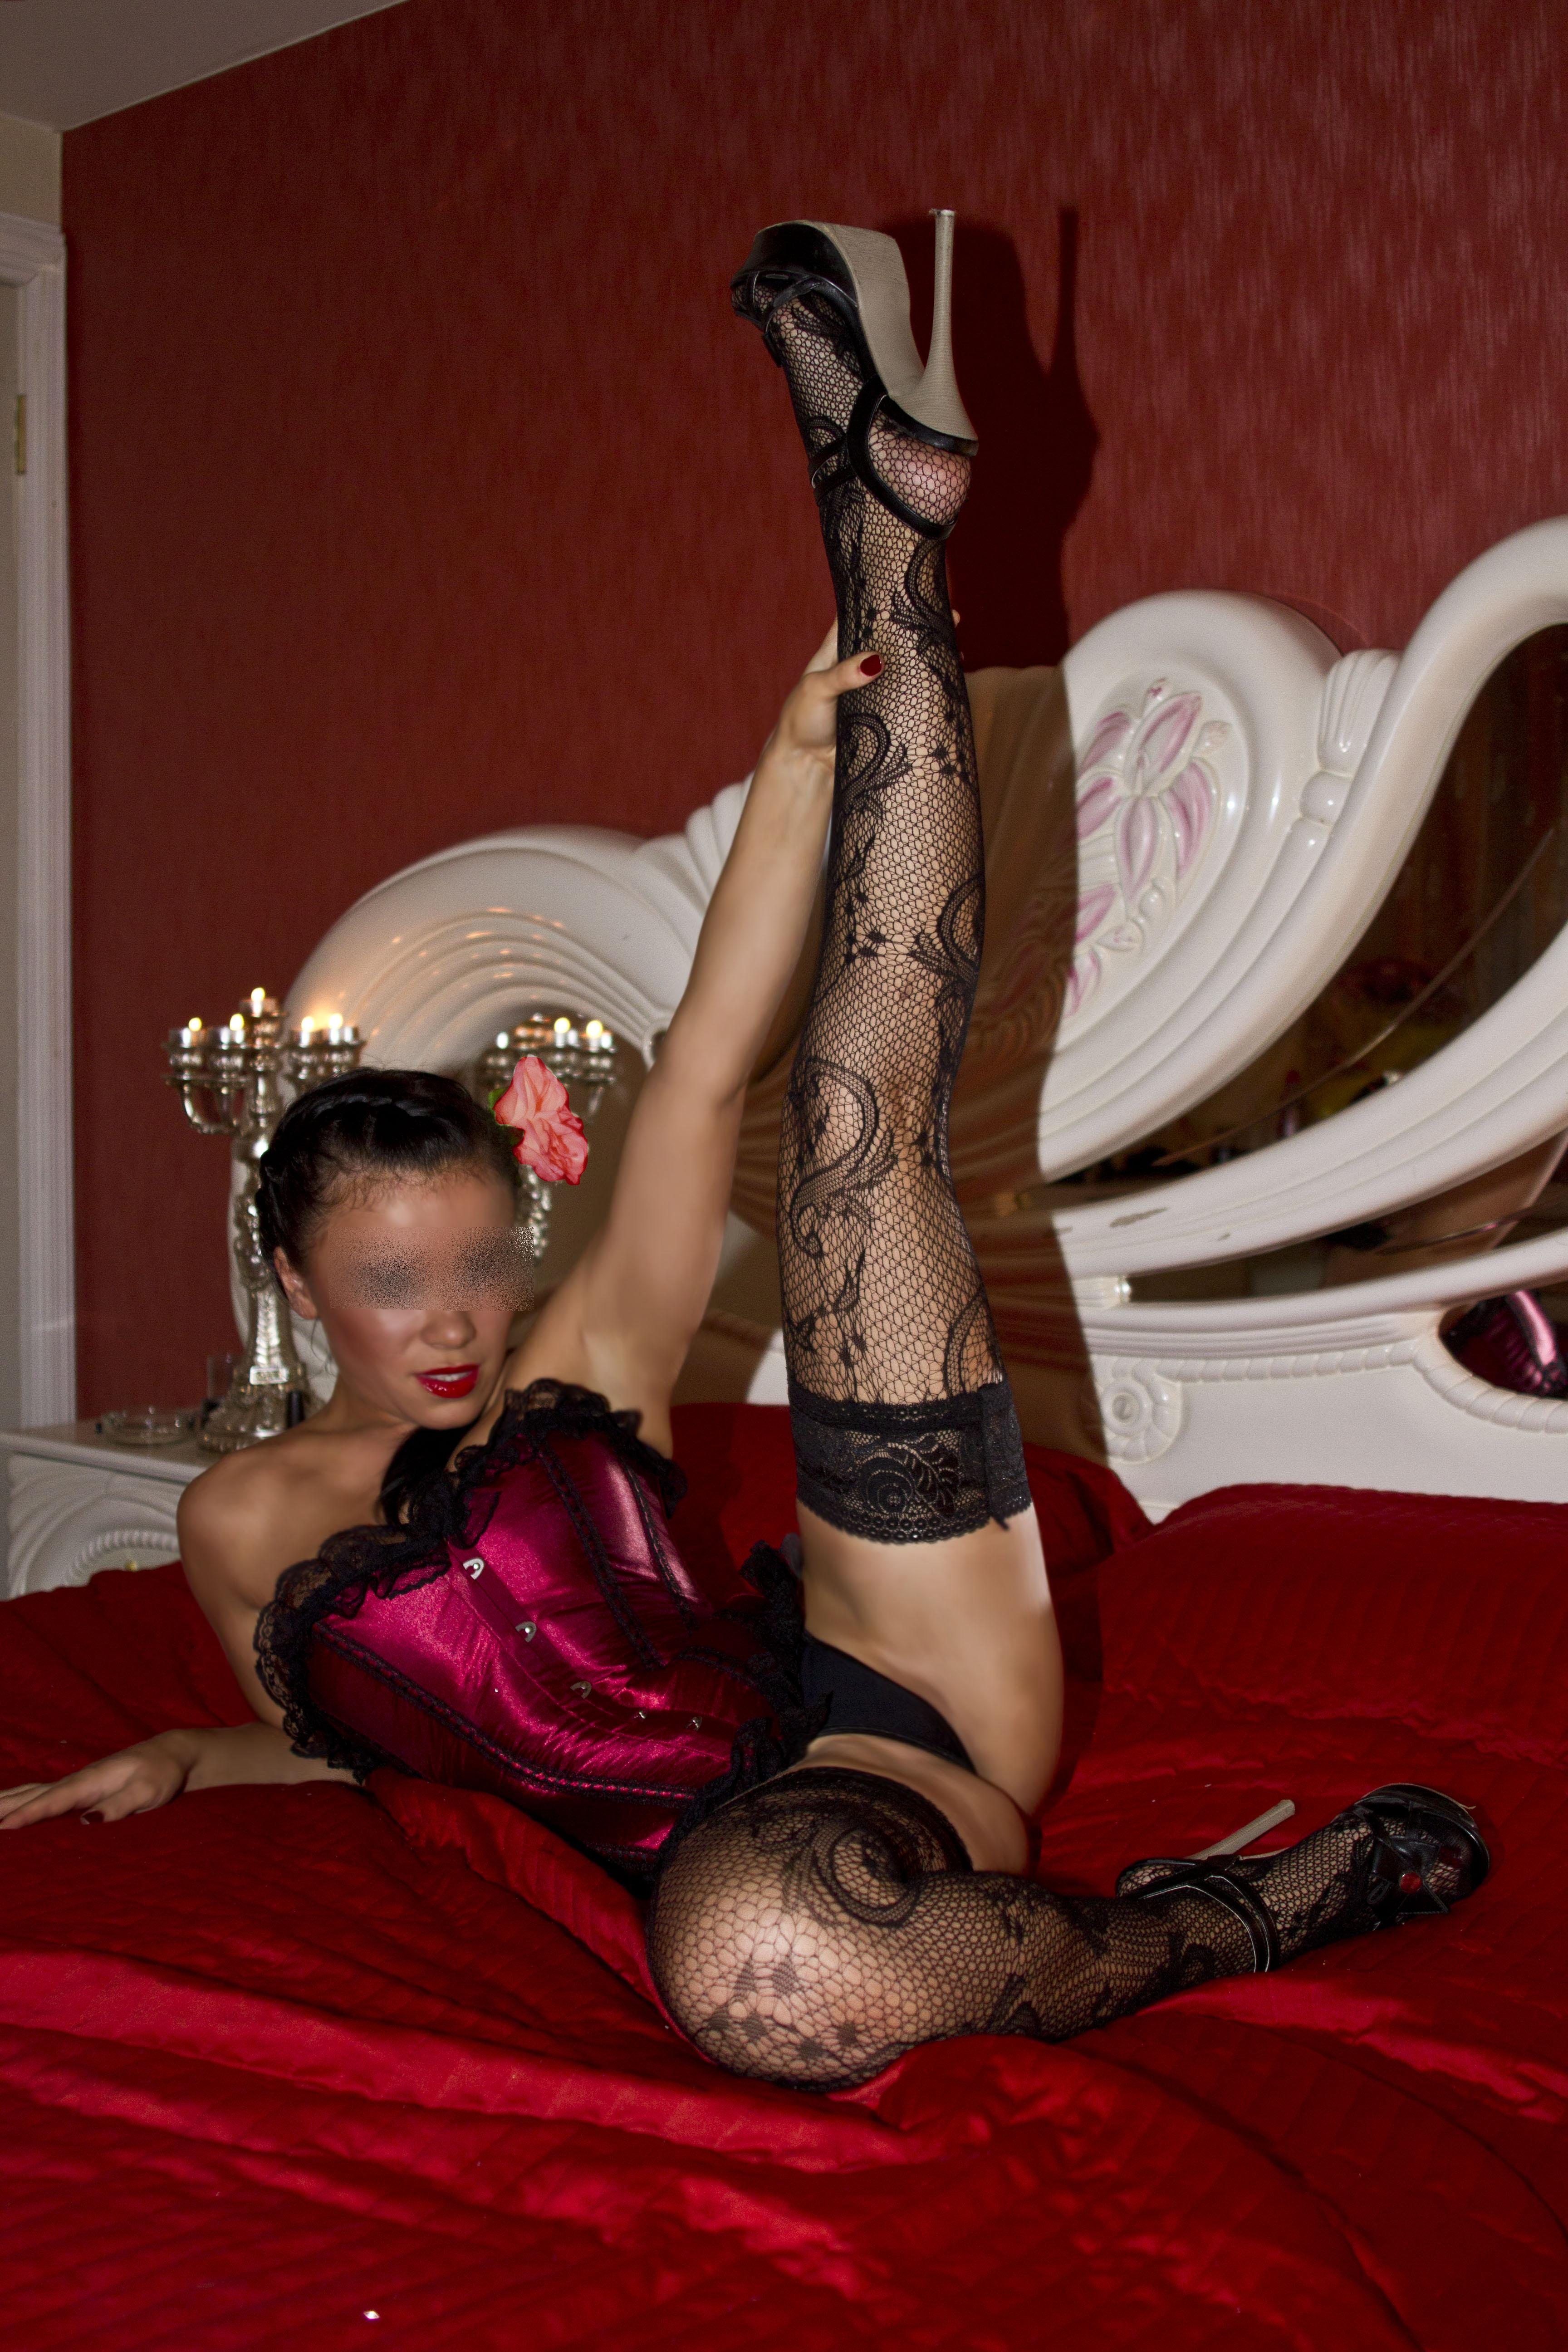 Камеди клаб проститутка в номере у бизнесмена